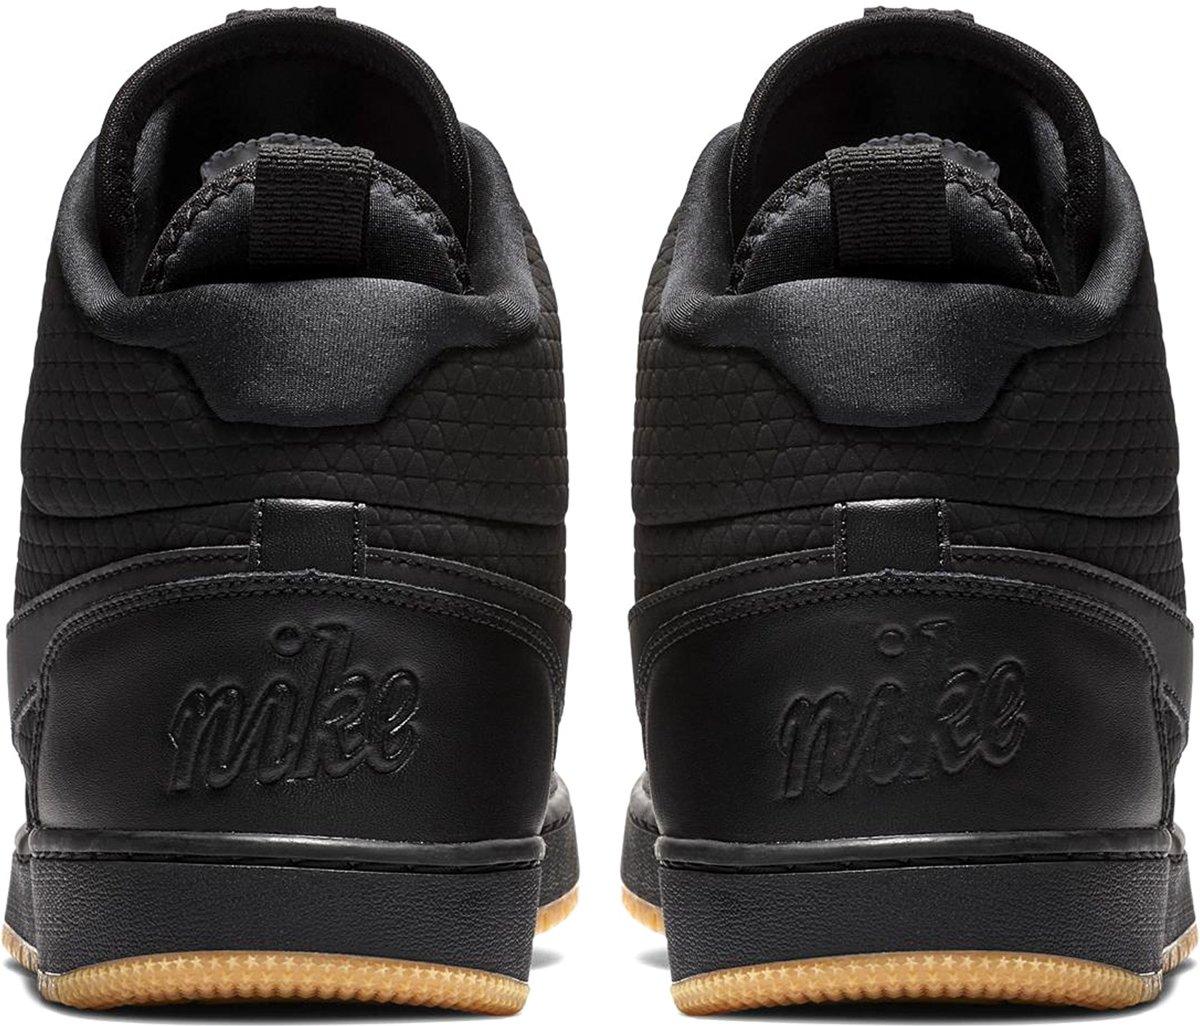 Nike Ebernon Mid Winter Sneakers Heren Sneakers Maat 40 Mannen zwart